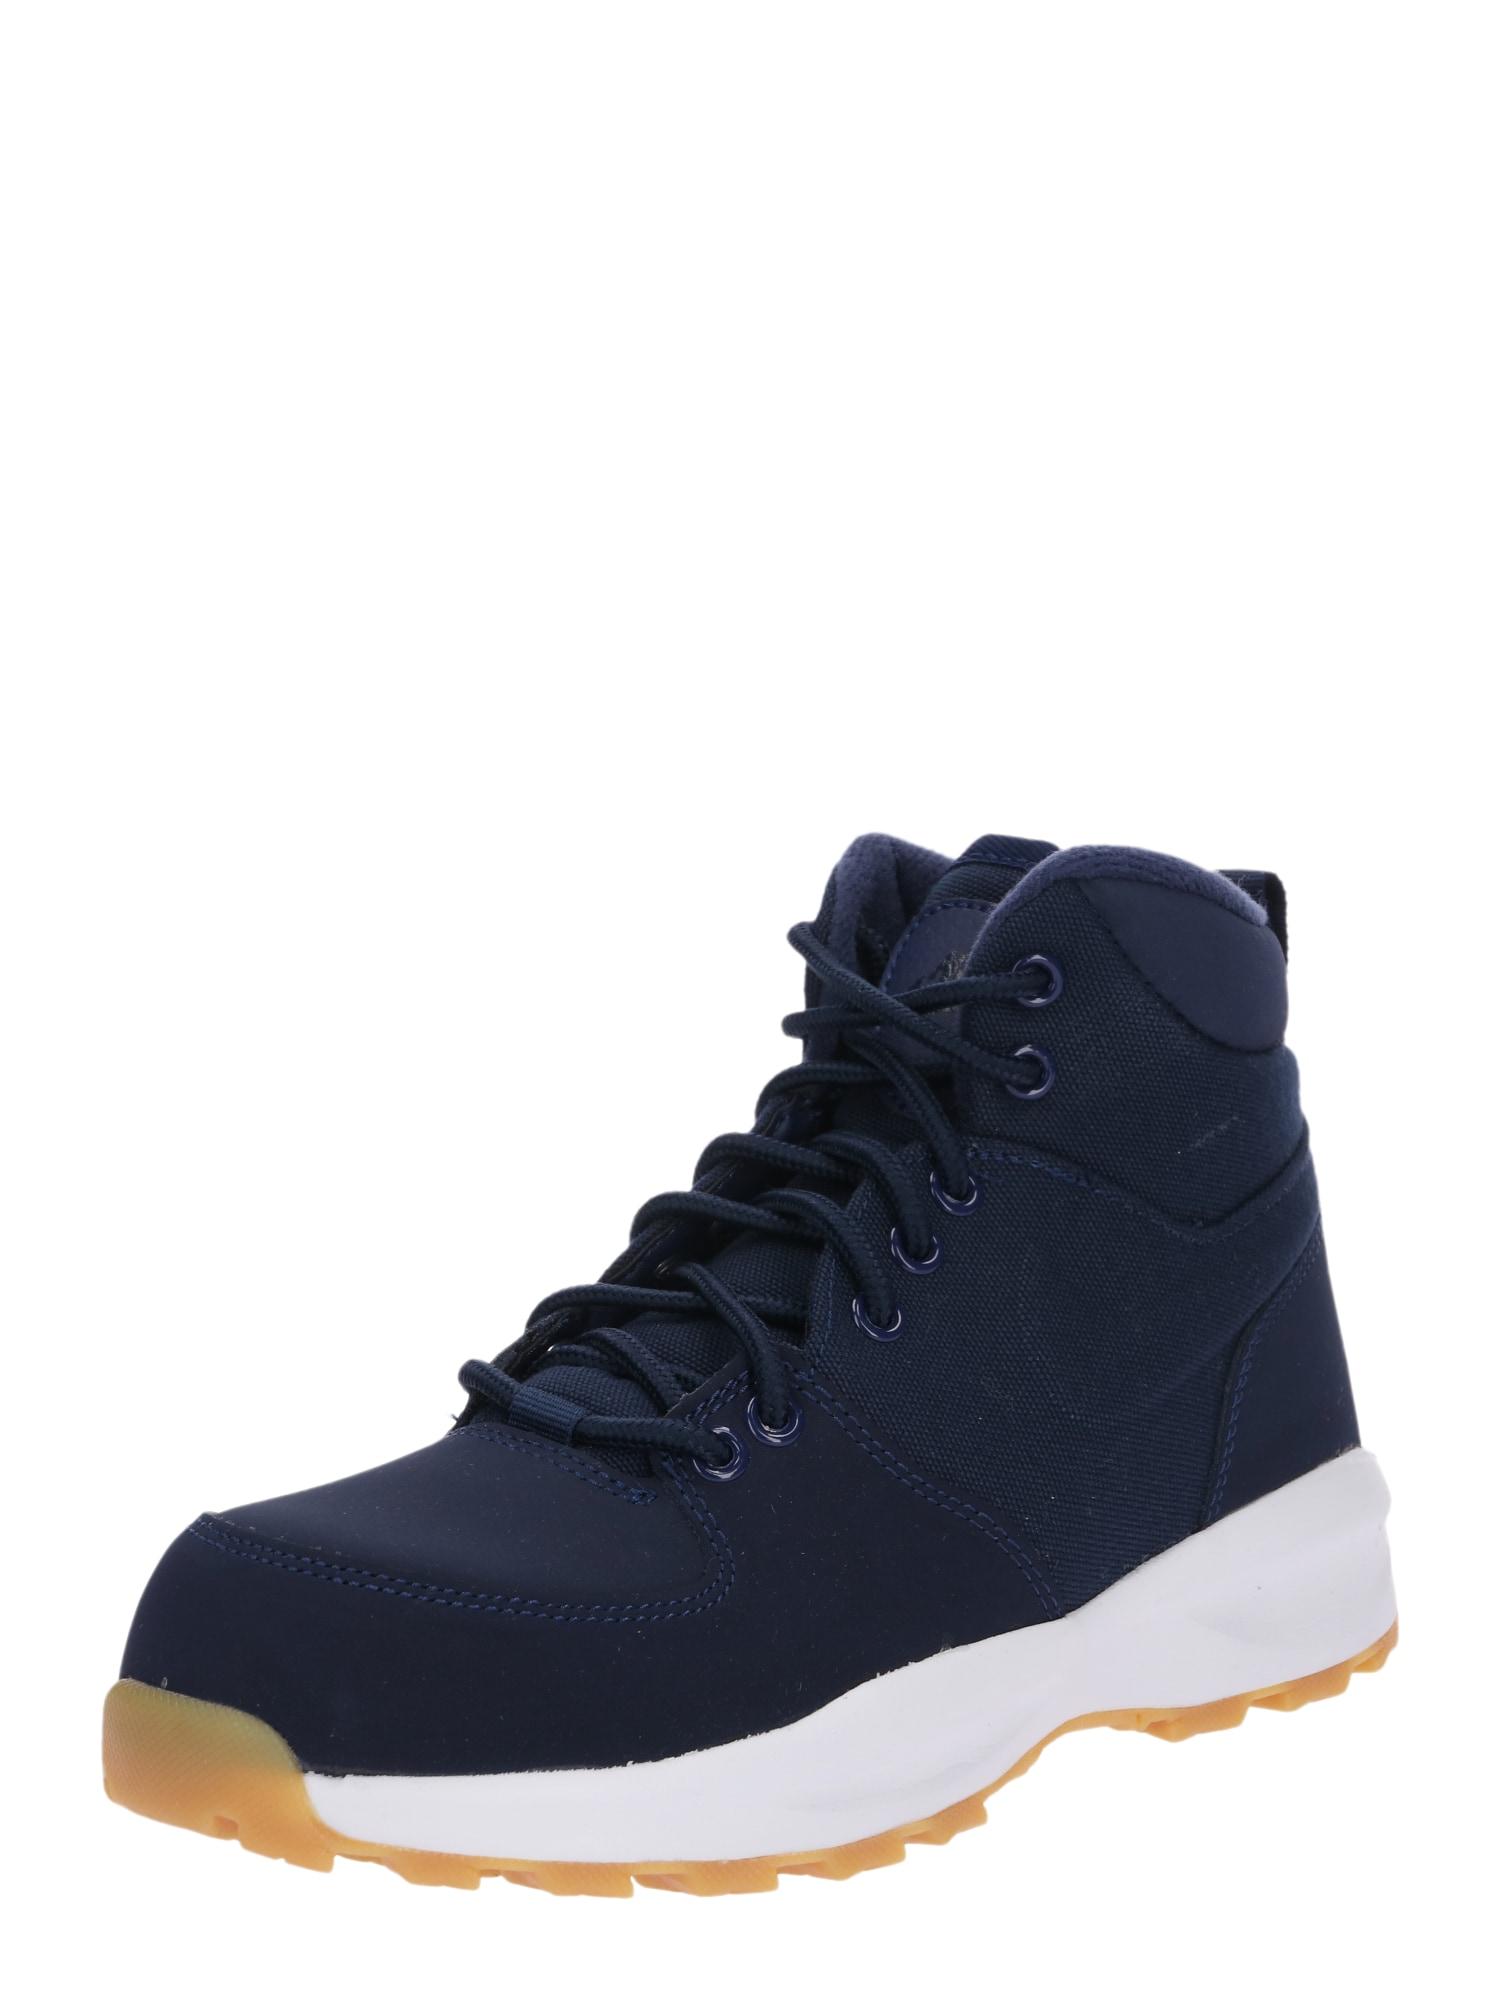 Nike Sportswear, Jongens Laarzen 'Manoa 17 (GS) Boot', navy